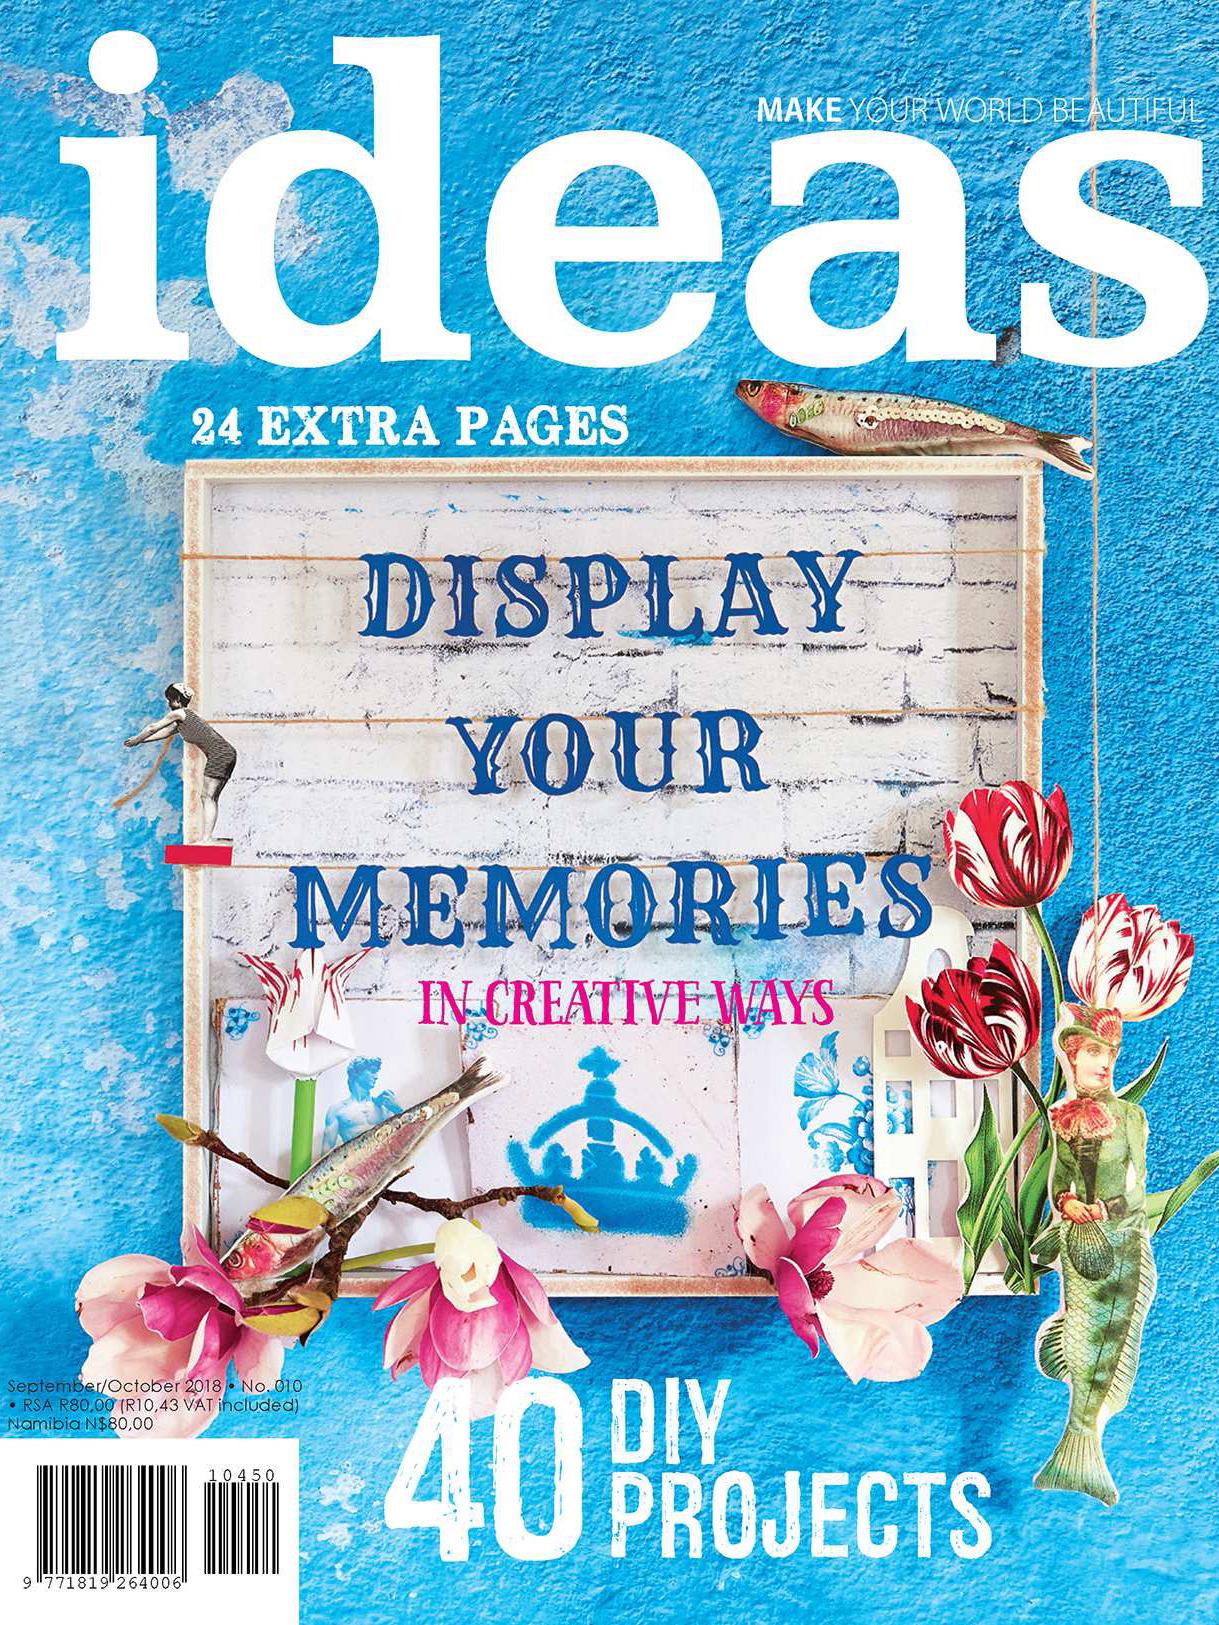 《Ideas》南非时尚家居创意杂志2018年09月号